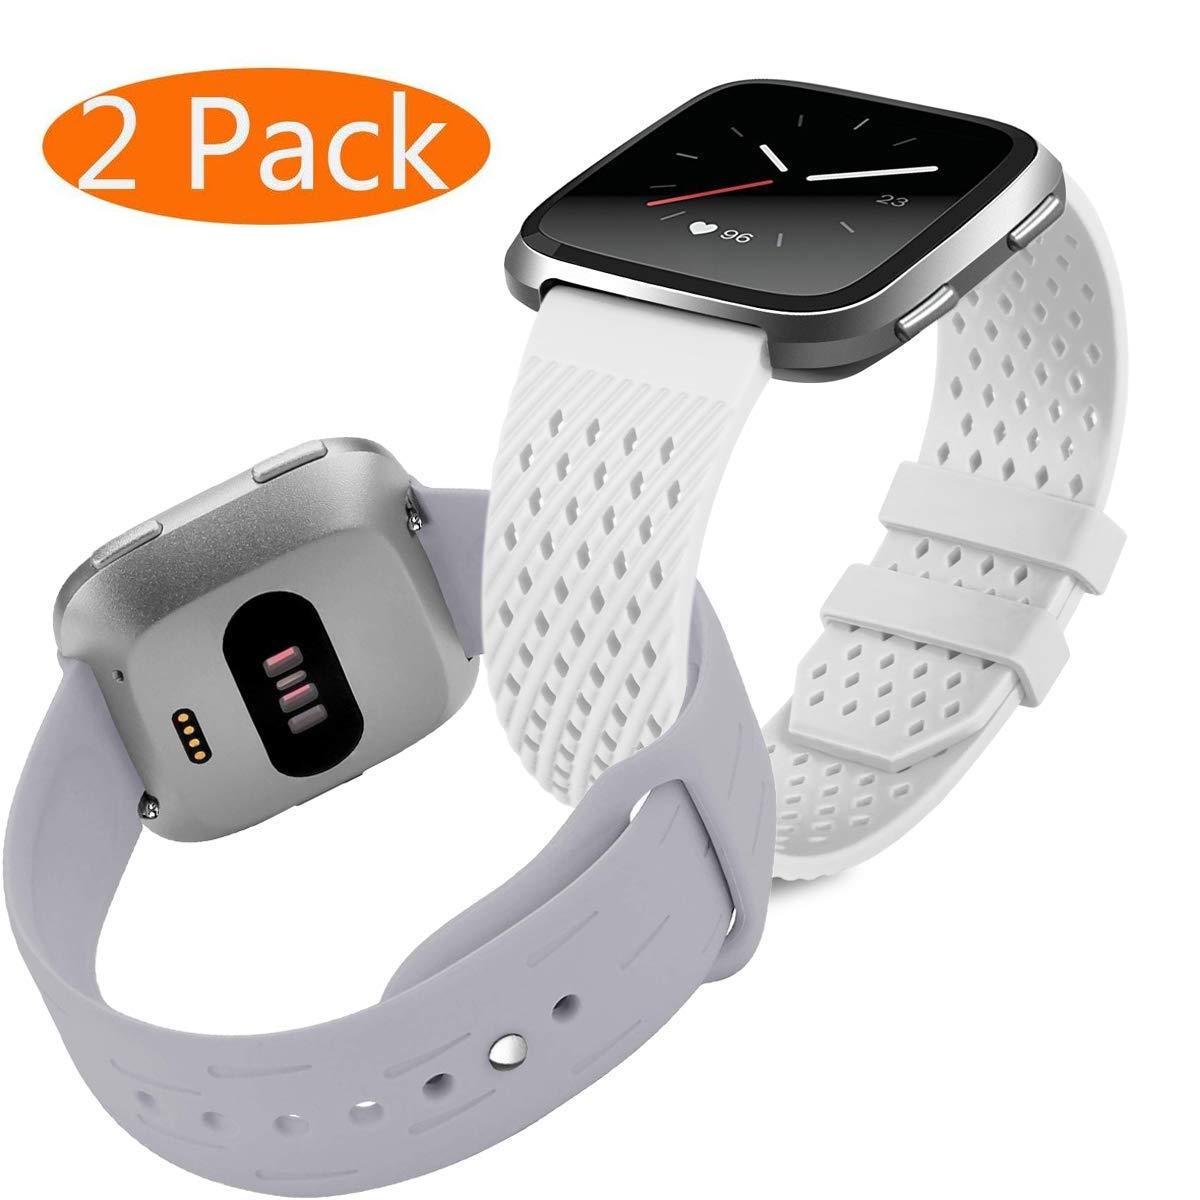 mtozon用シリコンバンドFitbit Versa、ソフト通気性ストラップ交換用アクセサリーフィットネススポーツリストバンド、Versaバンドレディースメンズ B07FRKMFTJ 02#White+Gray 5.5\